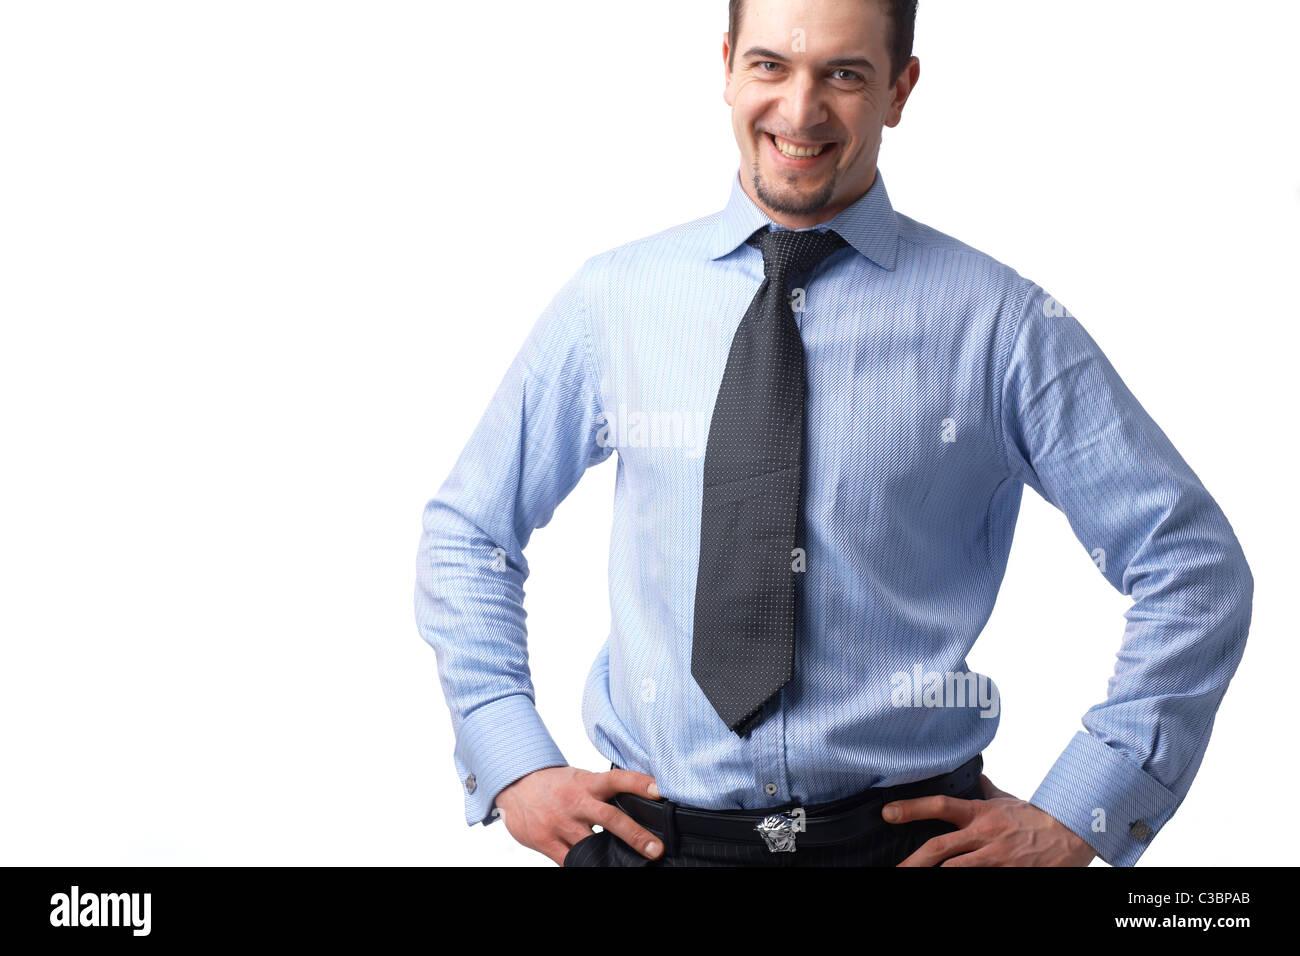 Retrato de empresario exitoso sonriendo sobre fondo blanco. Imagen De Stock